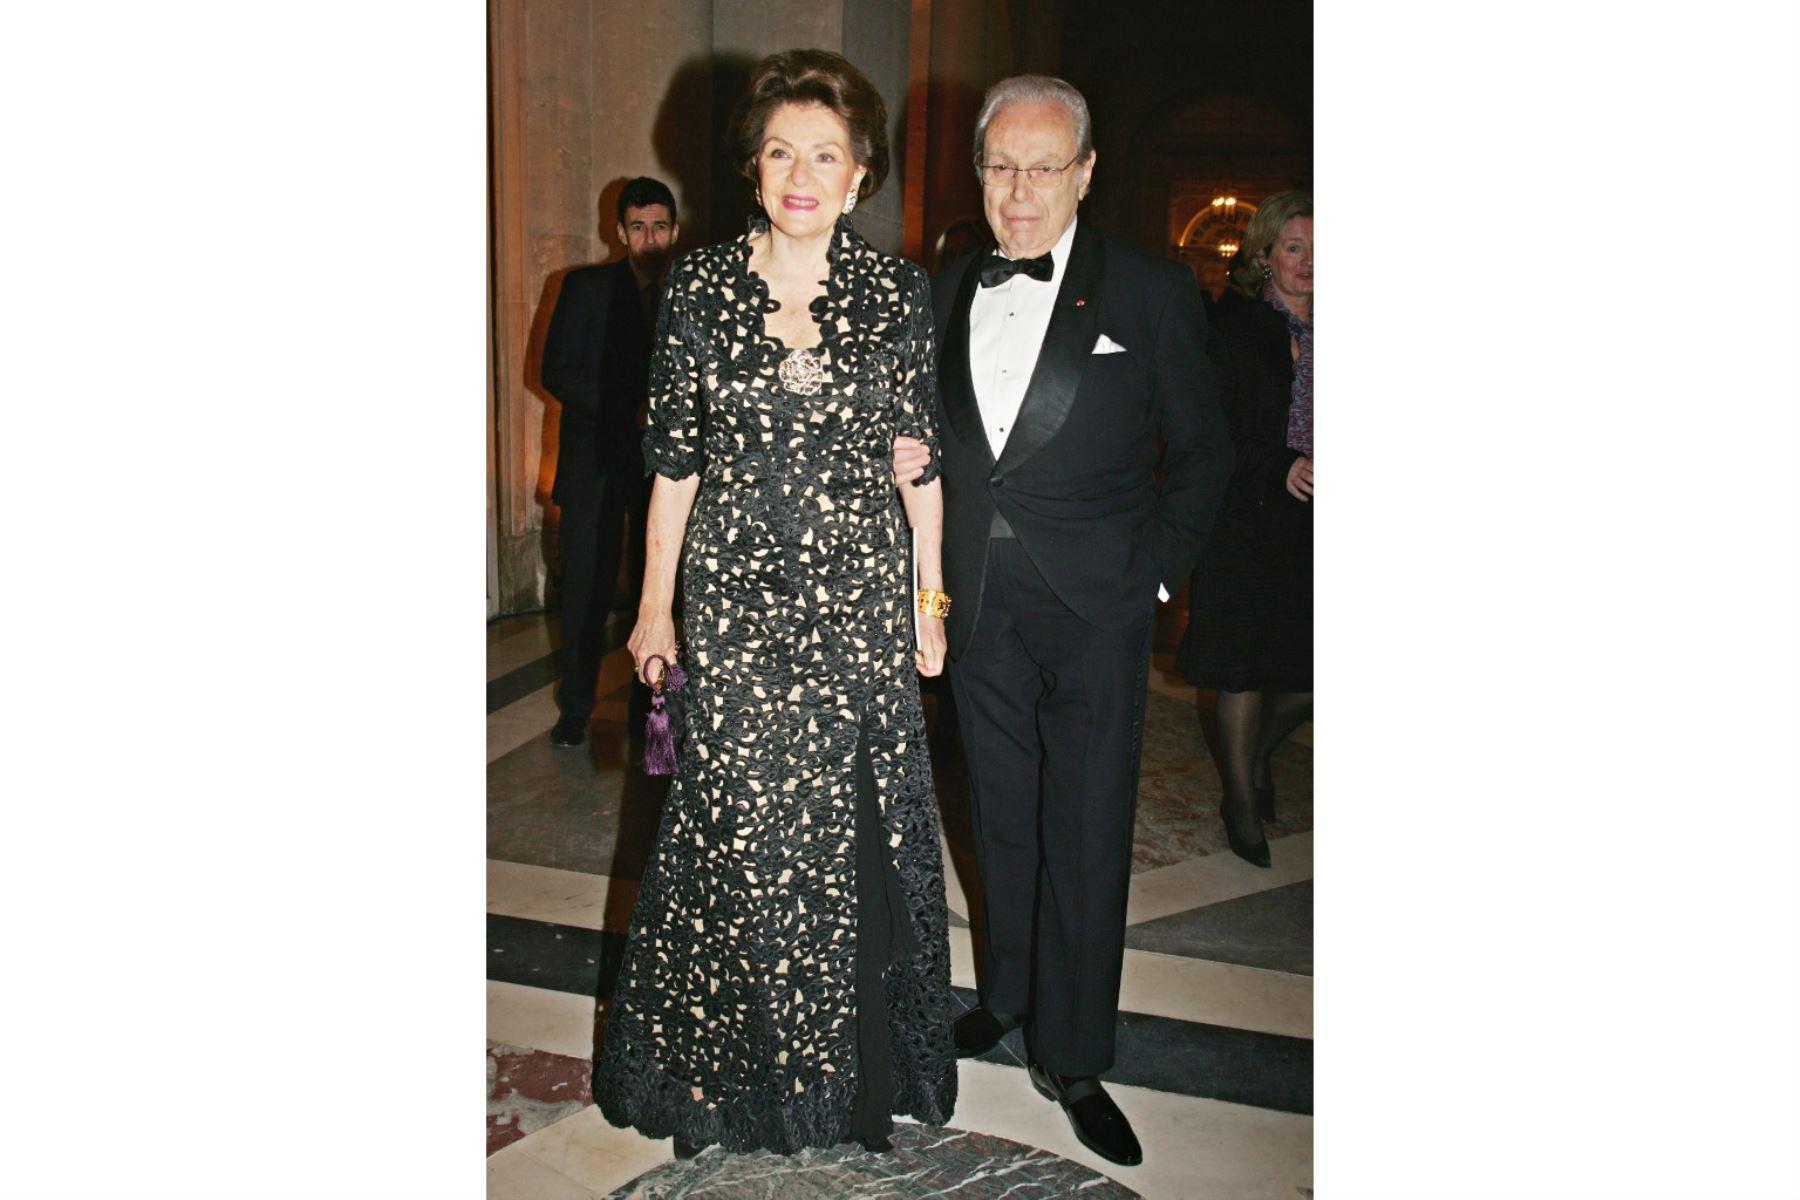 El exsecretario general de las Naciones Unidas, Javier Pérez de Cuéllar, de Perú, y su esposa (sin nombre) llegan el 6 de diciembre de 2004 para asistir a la 22ª edición de la Gala de la Fundación Abuso Infantil celebrada en el Castillo de Versalles, en las afueras de París. Foto: AFP